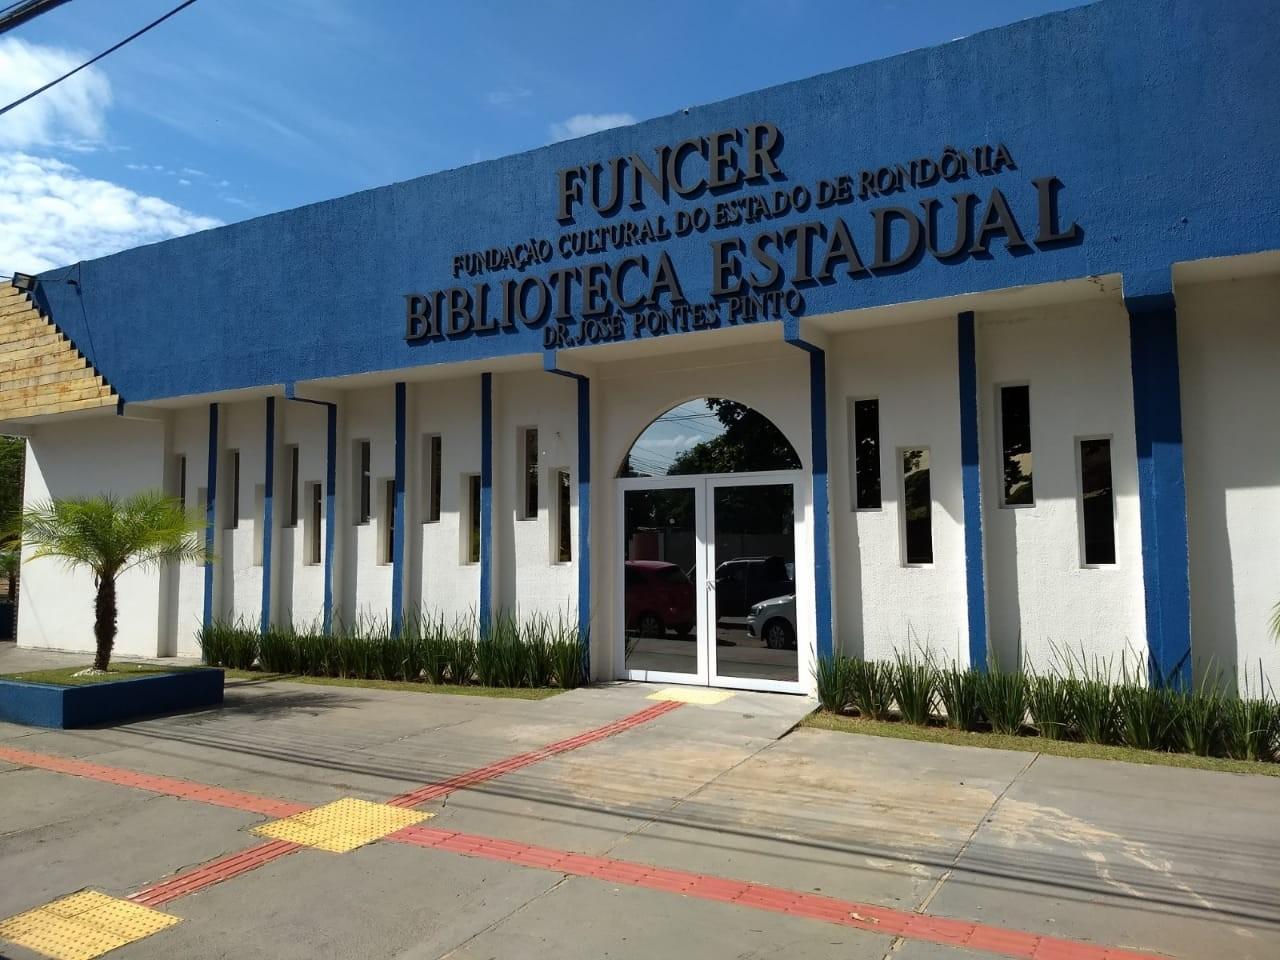 Semana do Livro terá reabertura da biblioteca mais antiga de RO, diz governo